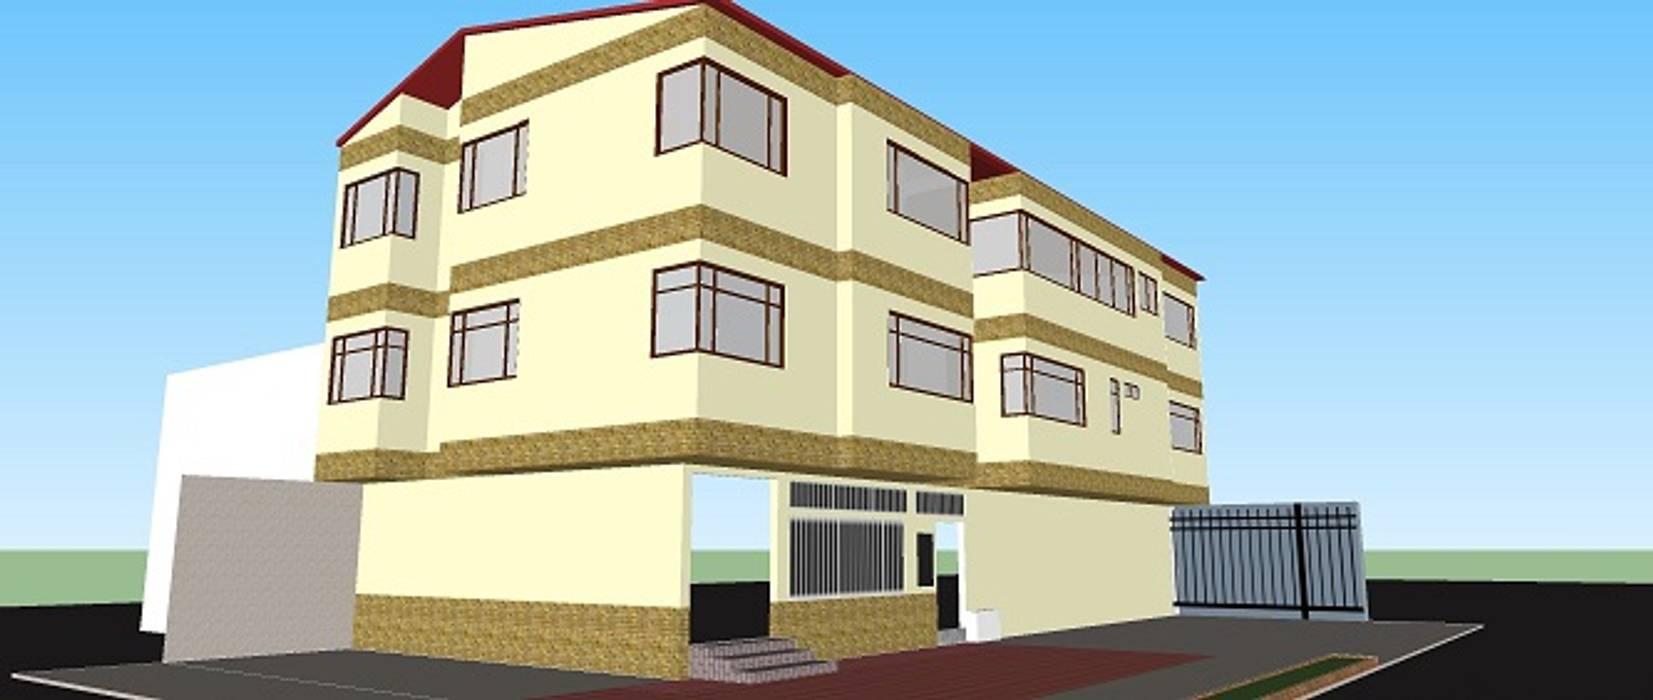 Diseño previo - Render 1 PyH Diseño y Construcción